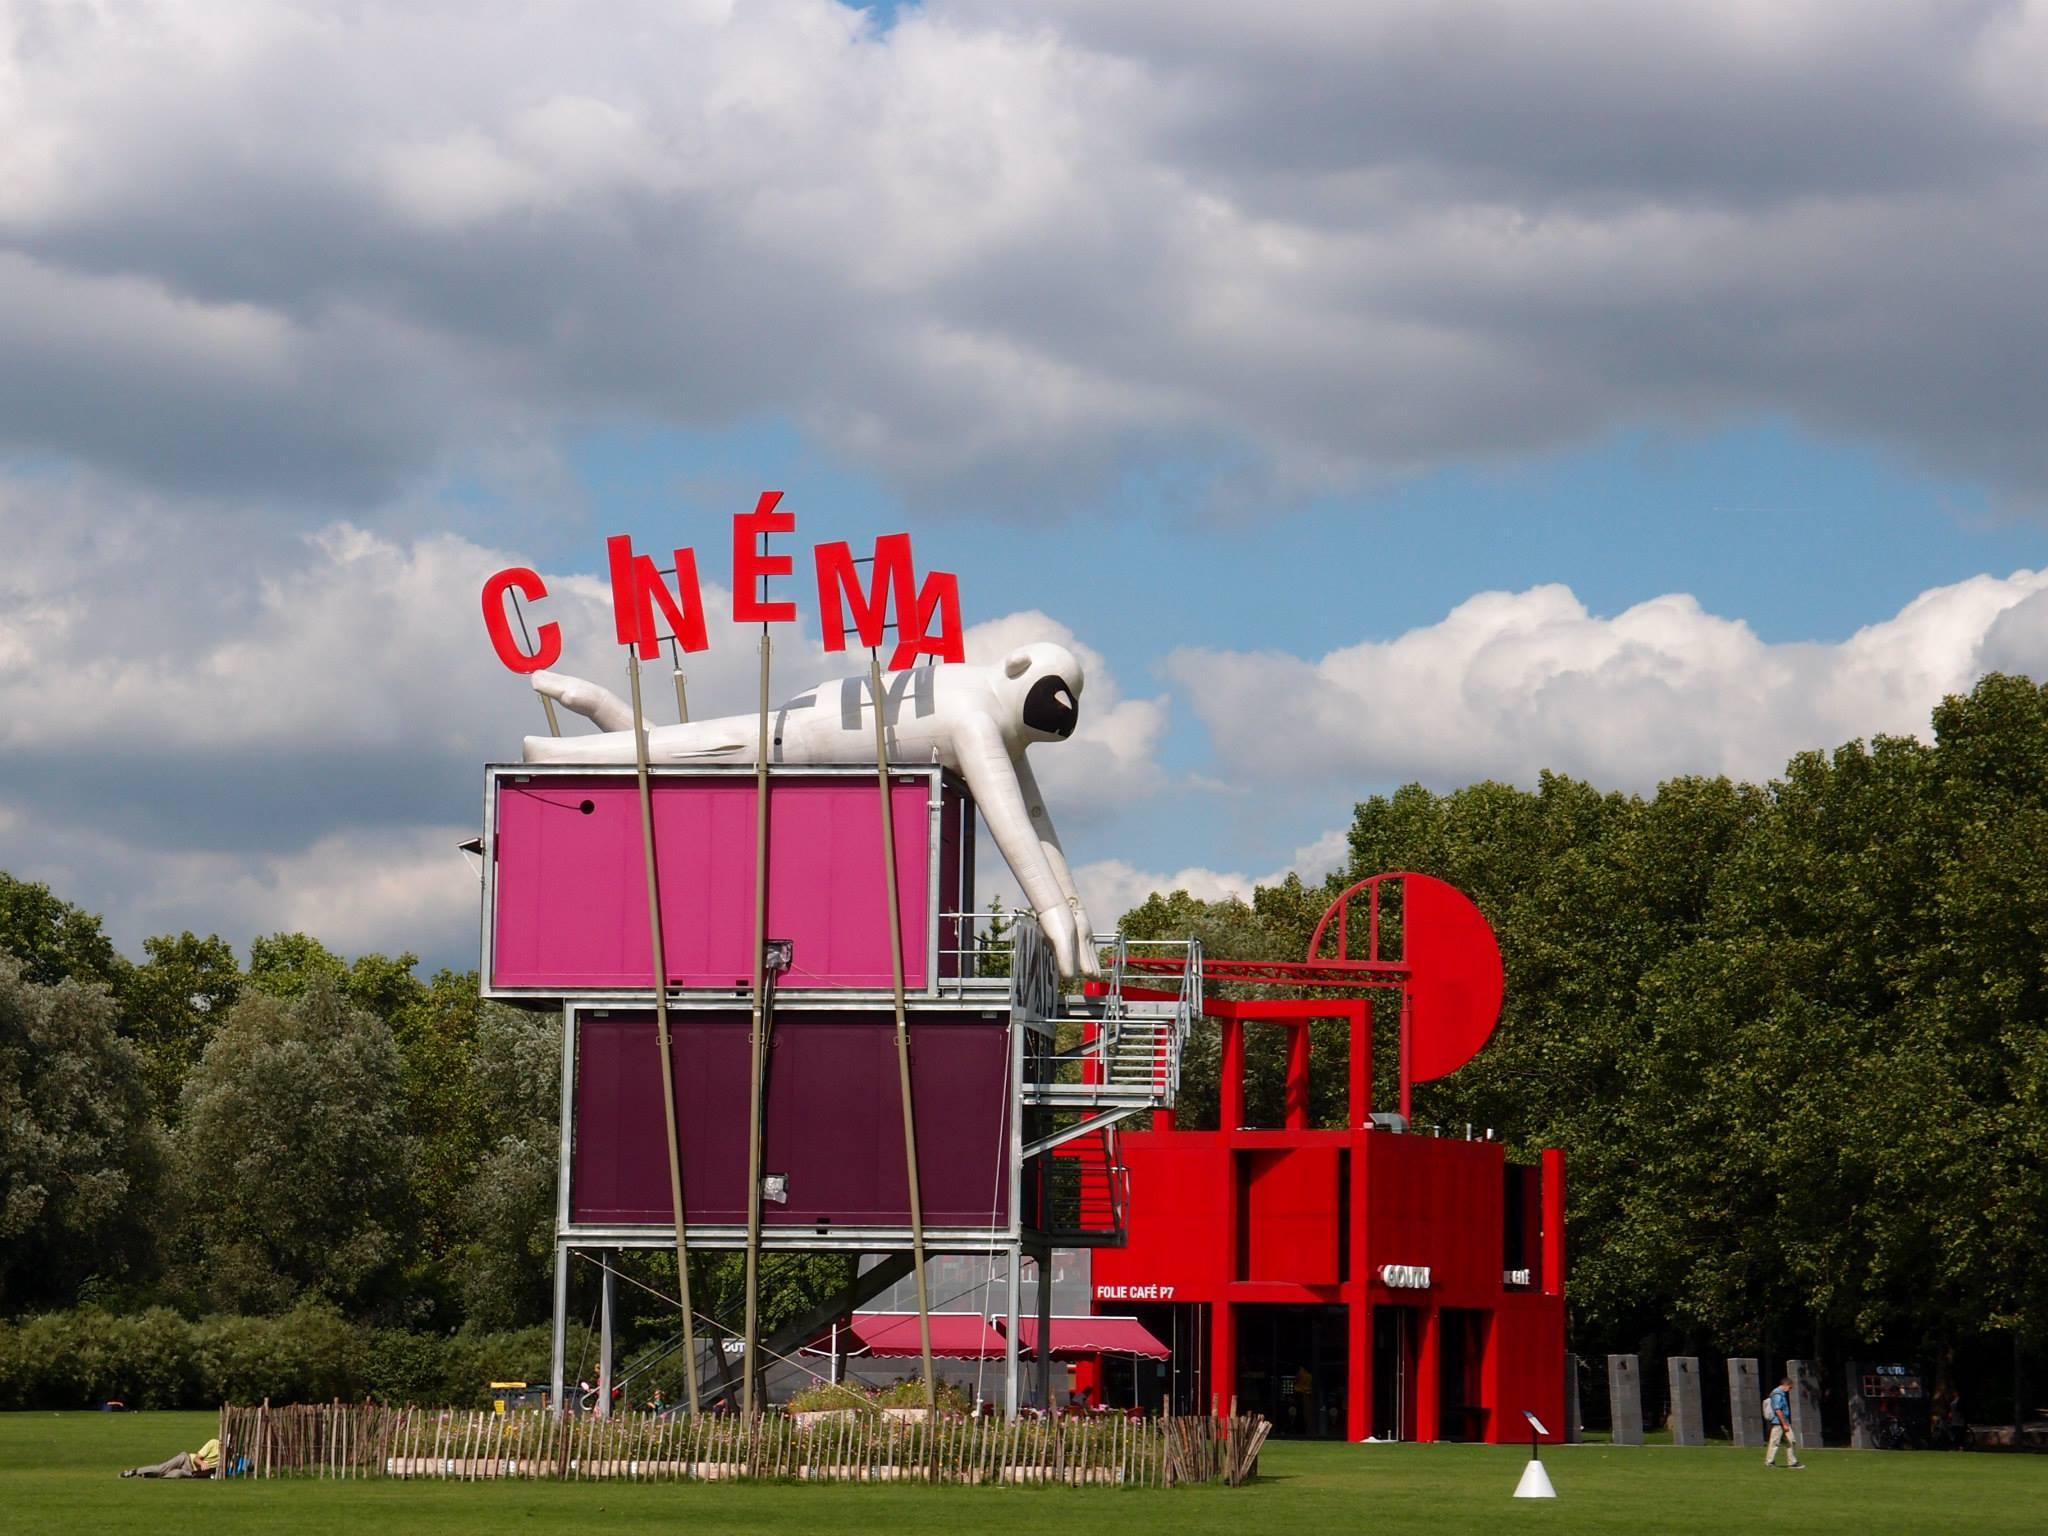 giant art outdoor paris villette